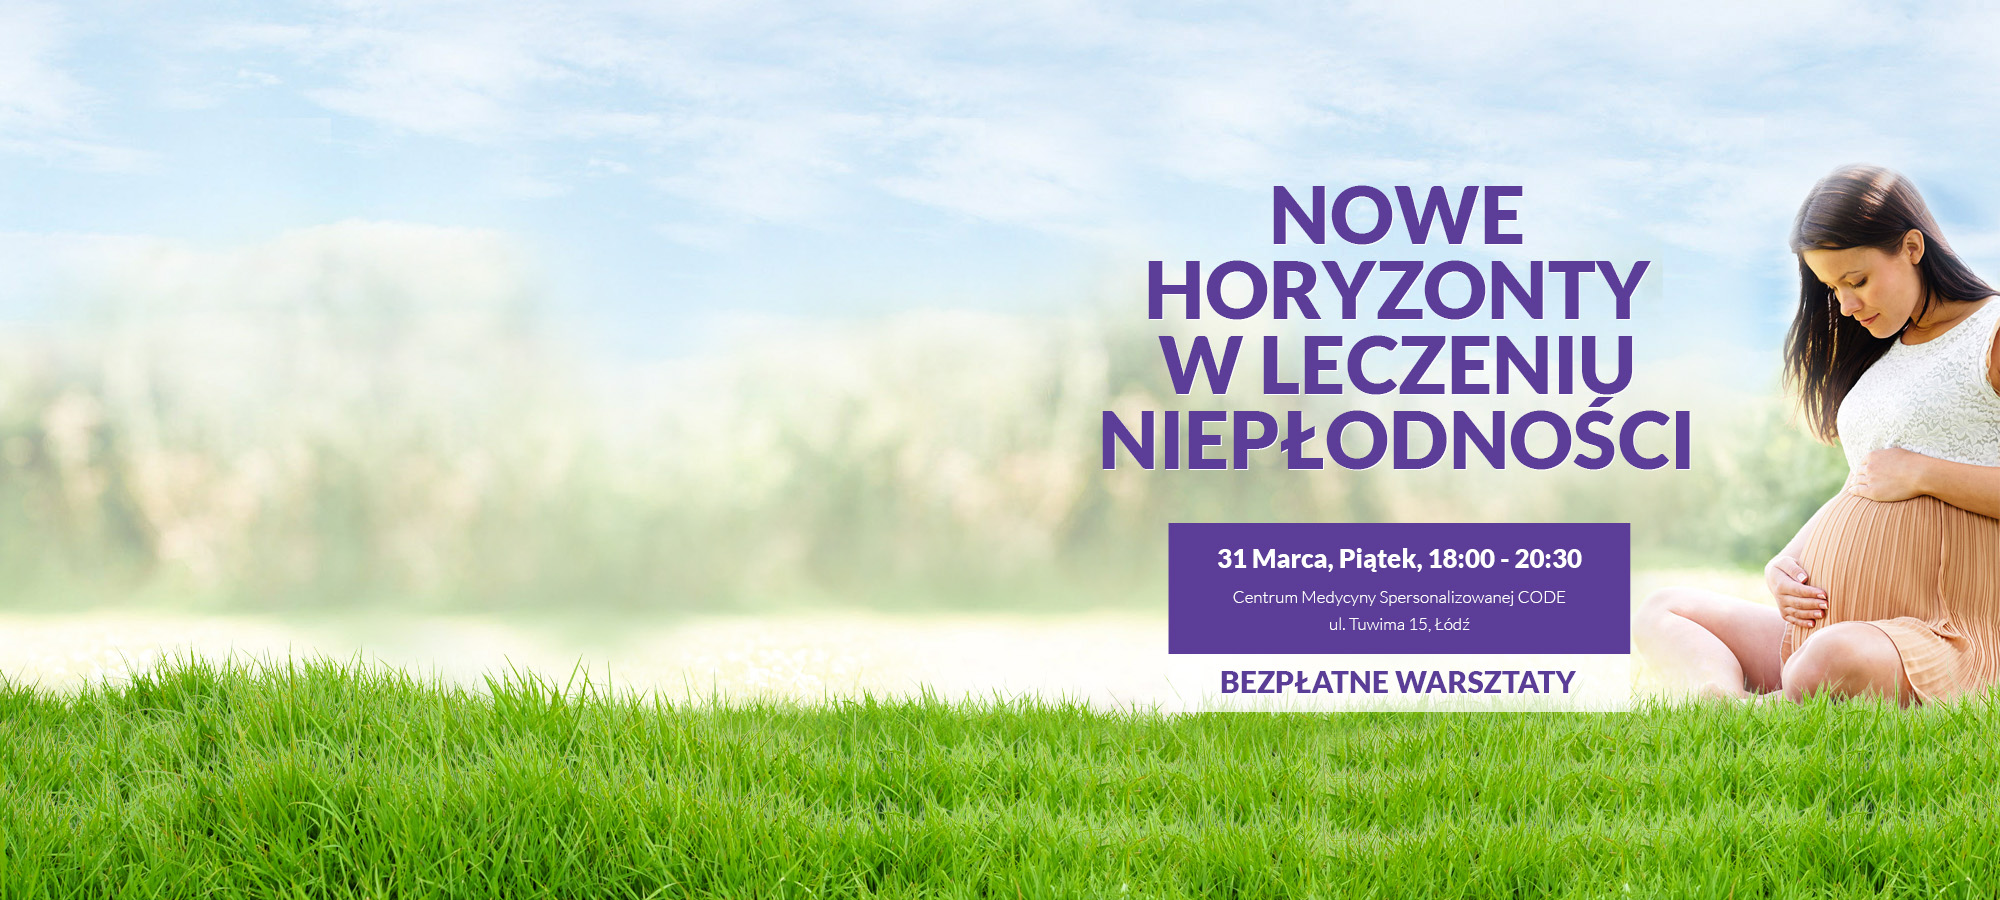 Naprotechnologia Łódź 2017